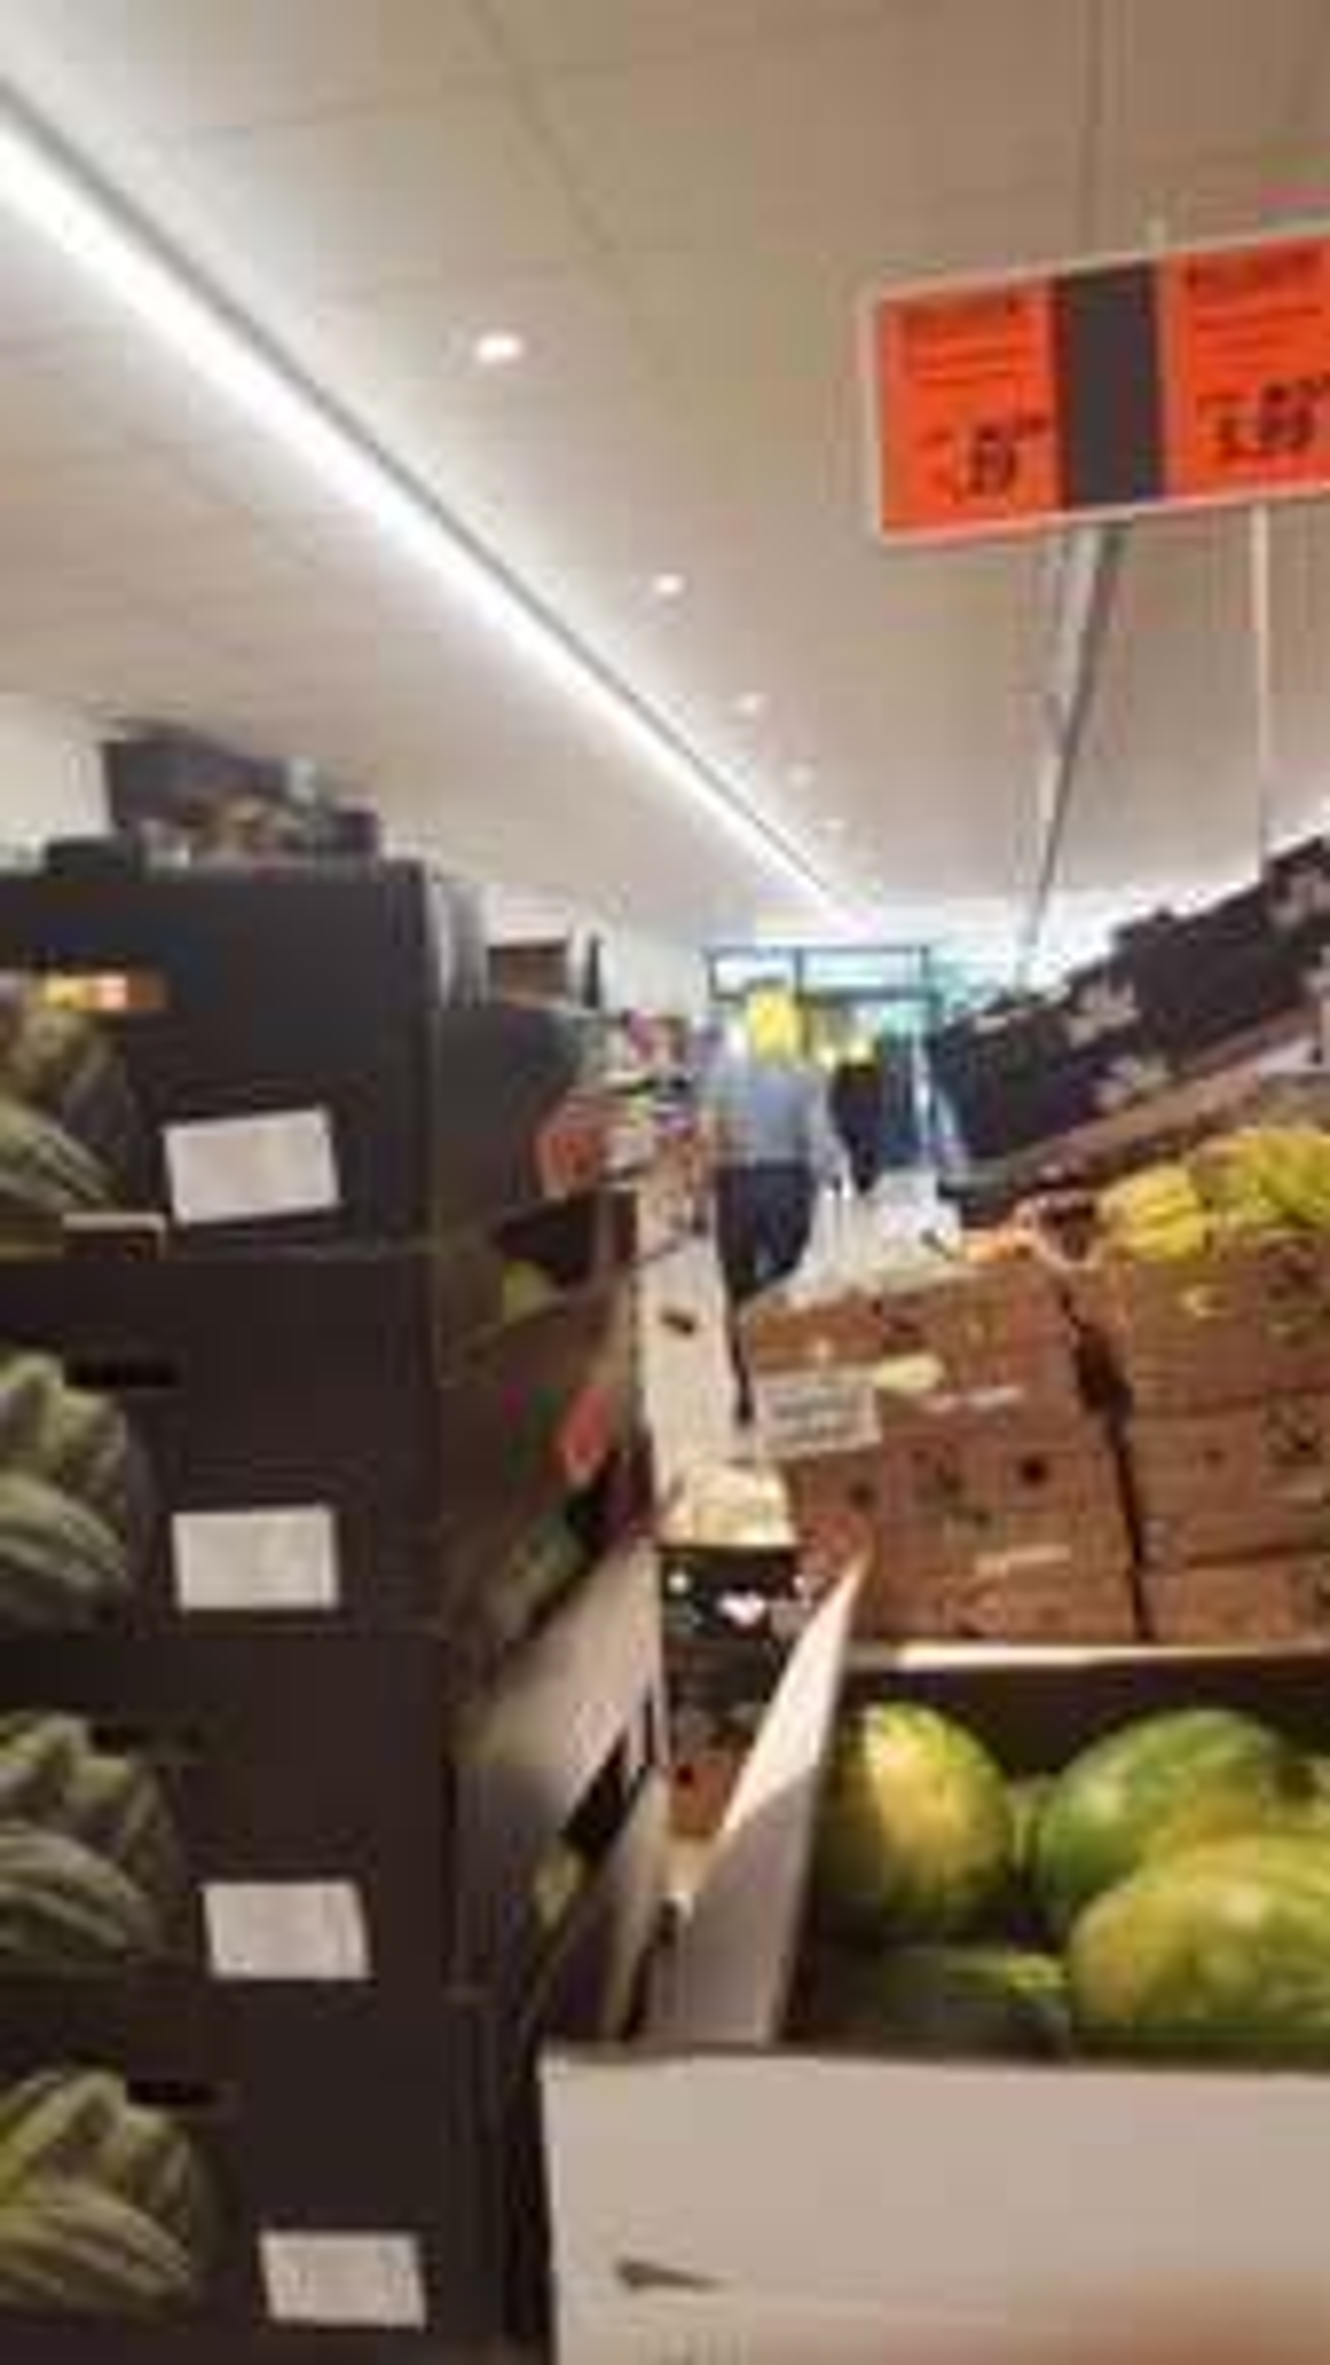 [Lokal] - München Laim Fürstenrieder Straße - Wassermelonen kernarm für nur 39 Cent/Kg